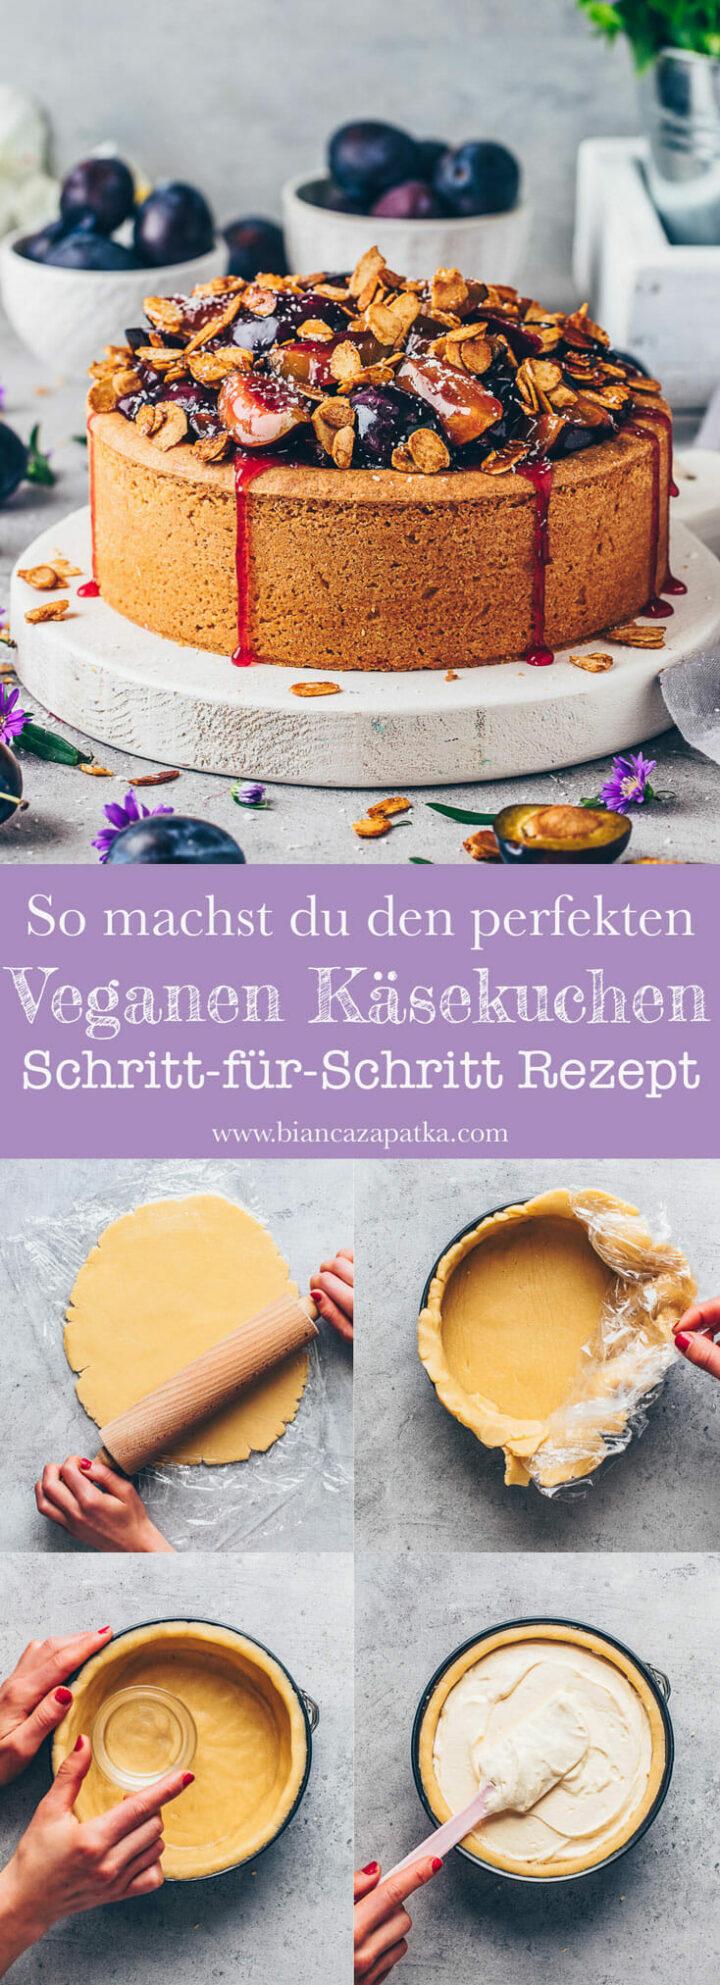 Veganer Käsekuchen Pflaumenkuchen mit Zwetschgen und Mandeln - Rezept mit Schritt-für-Schritt Anleitung